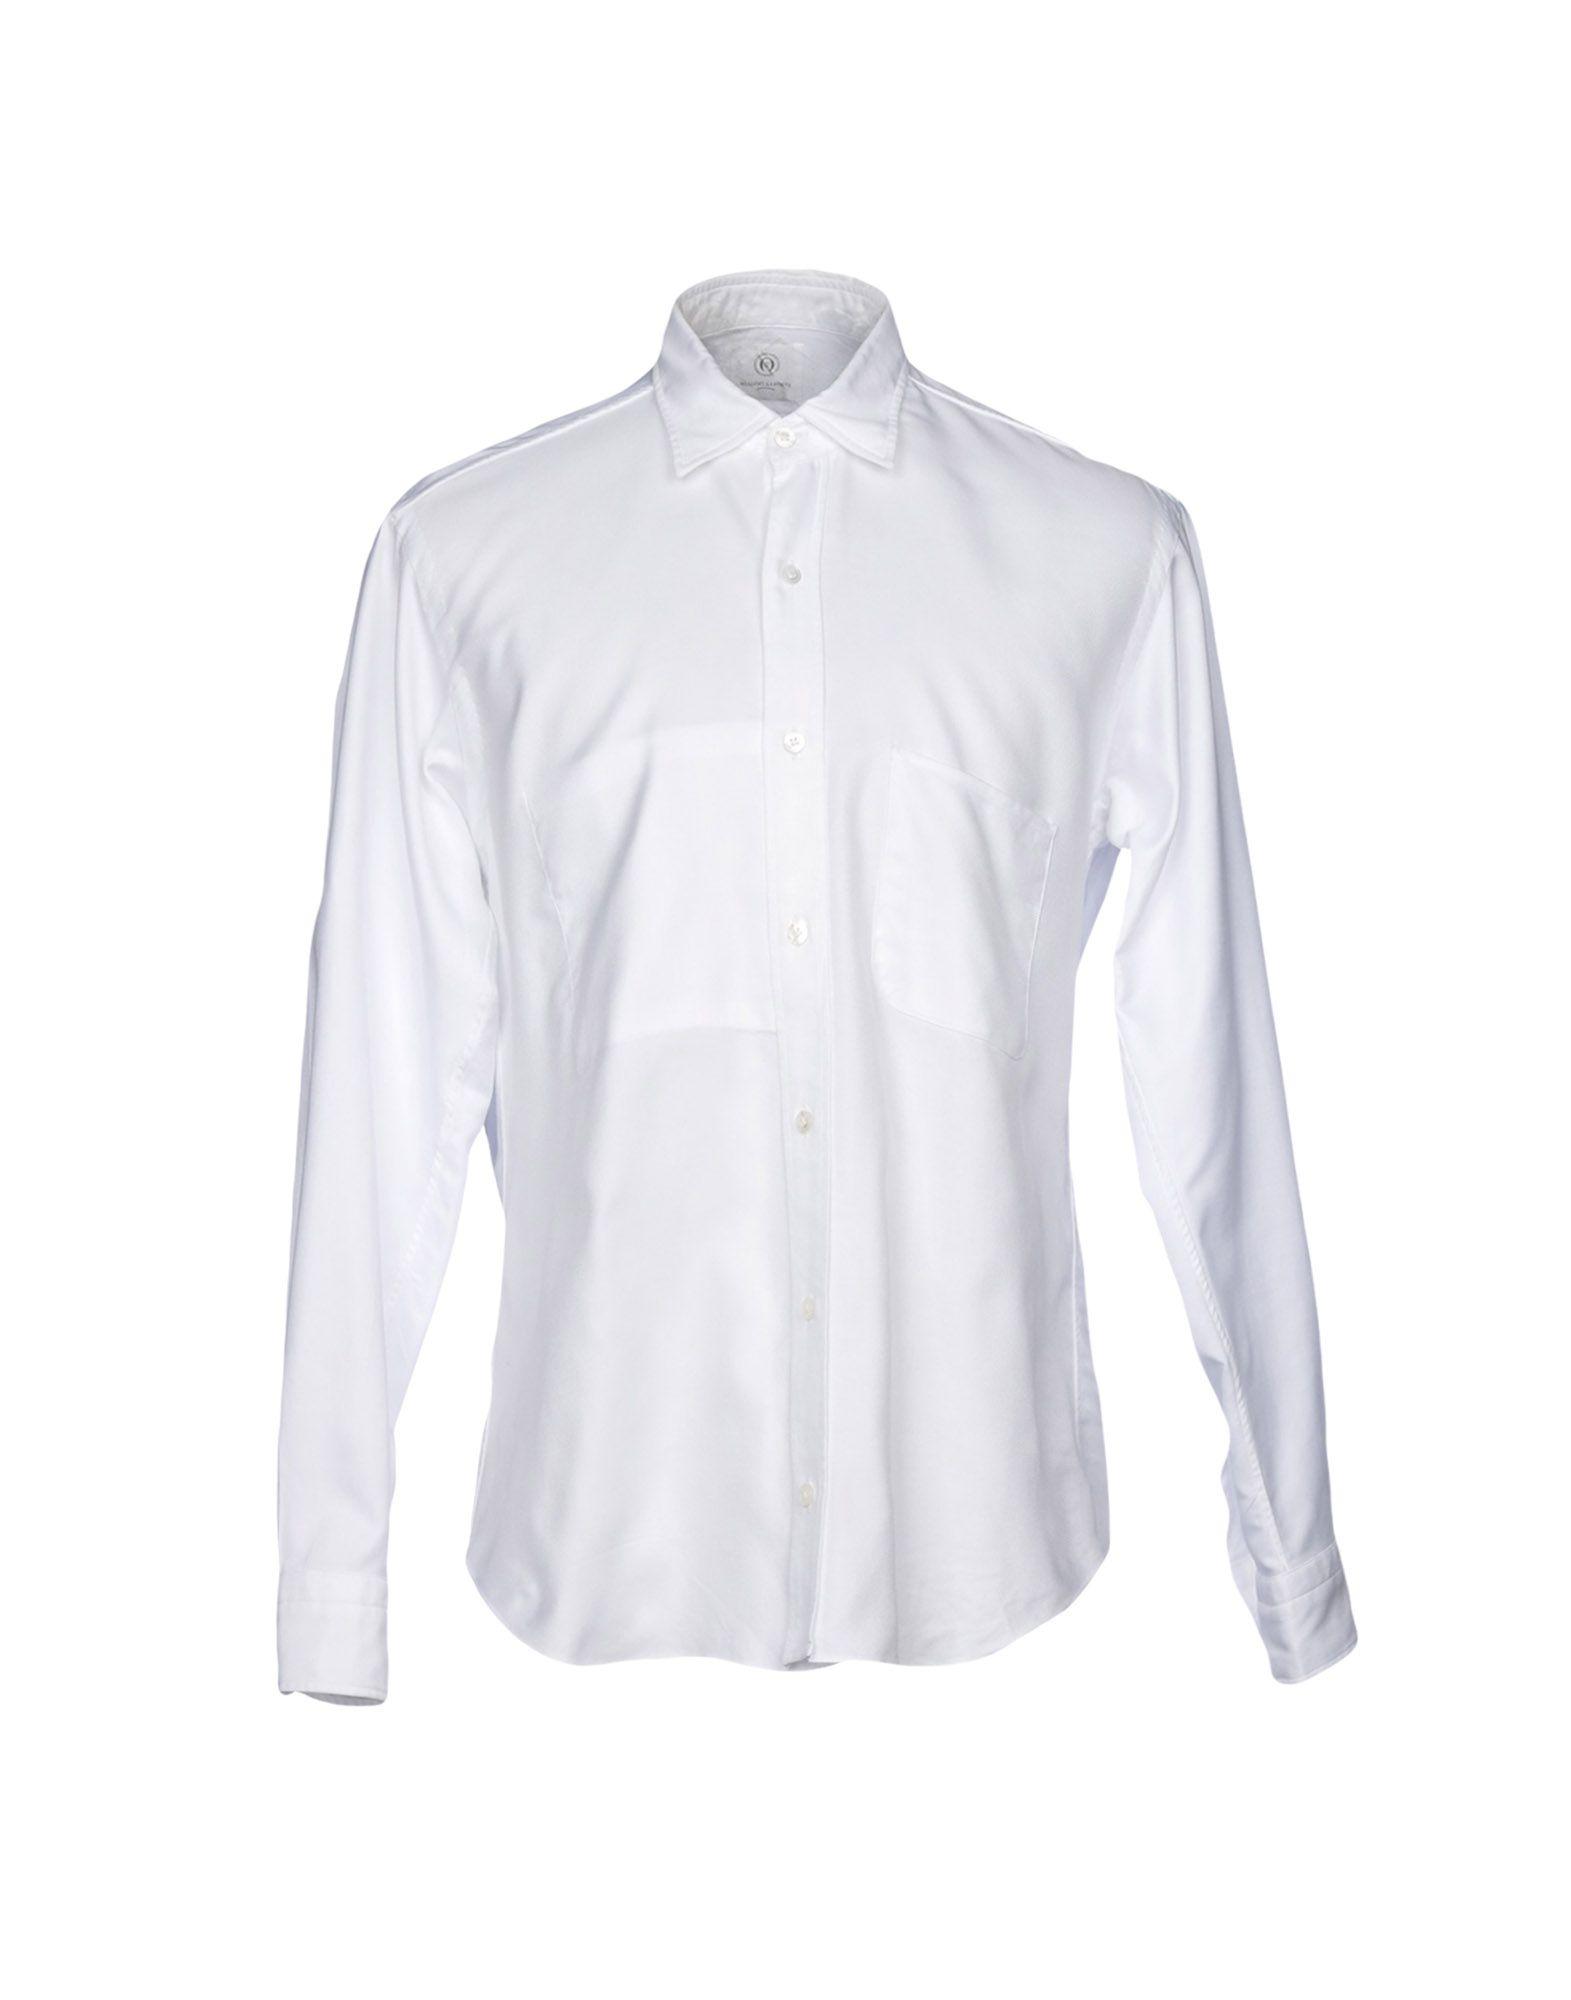 《送料無料》MASSIMO LA PORTA メンズ シャツ ホワイト 39 コットン 100%